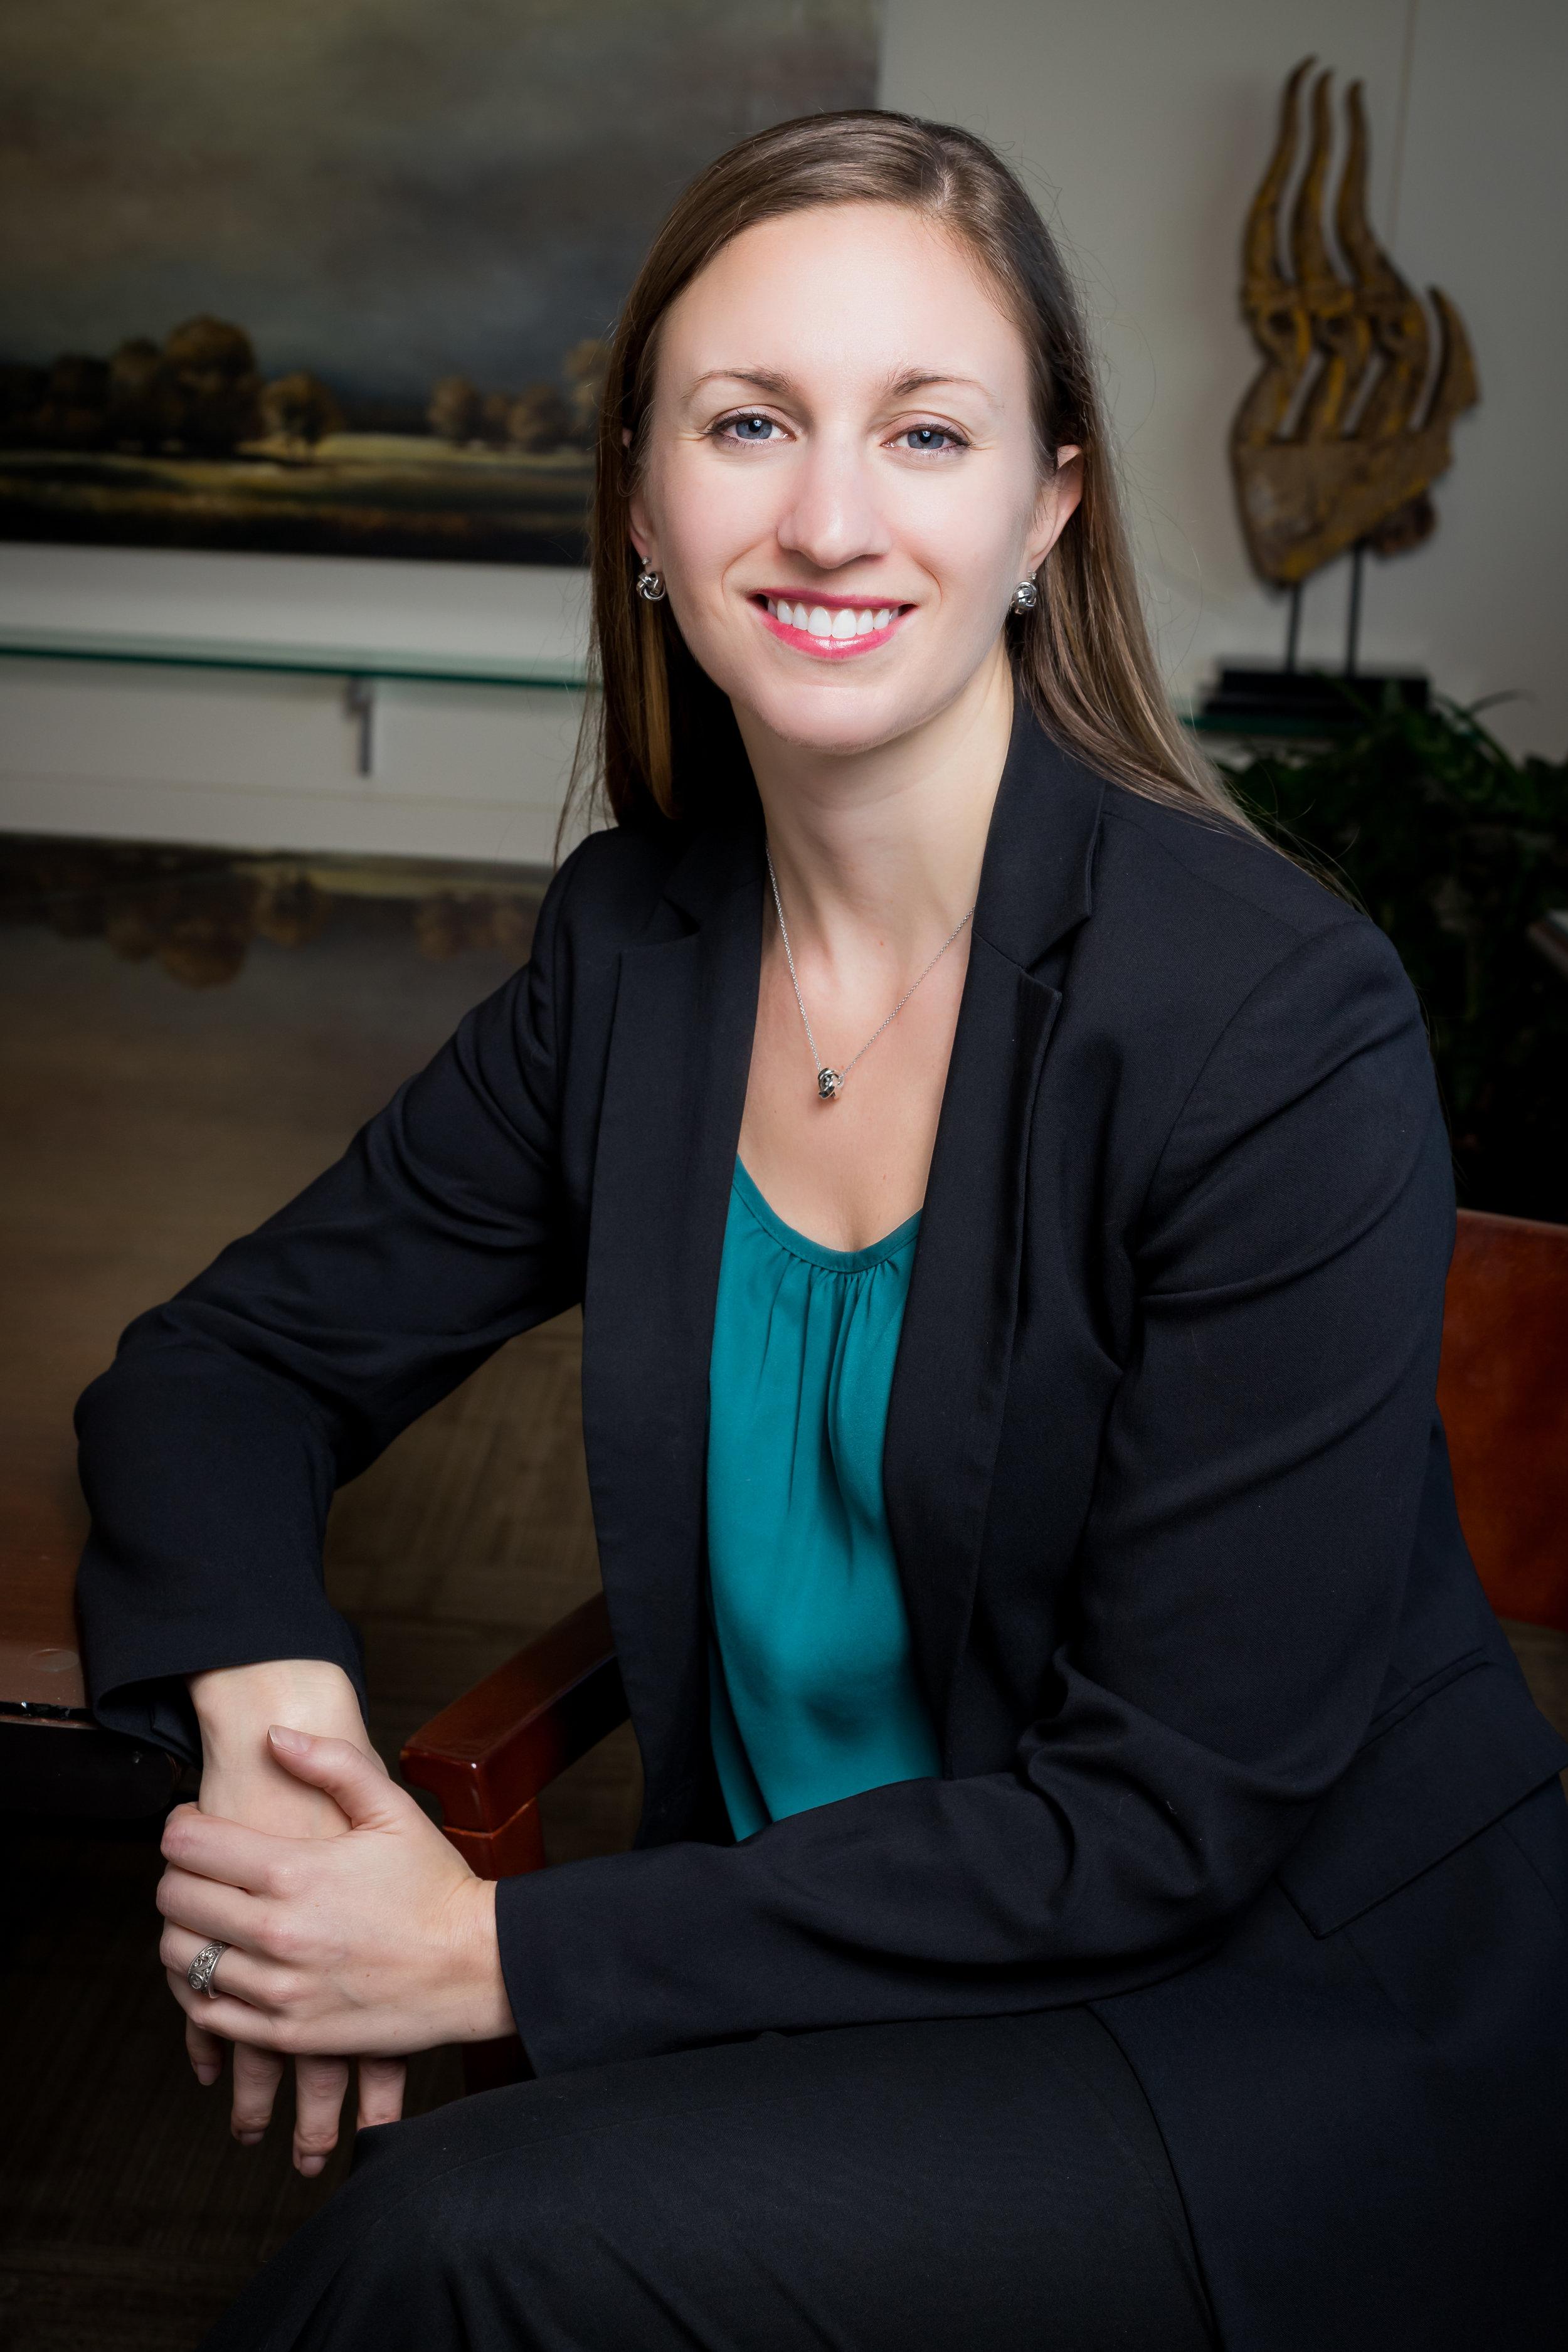 Claire L. Rootjes - Associate